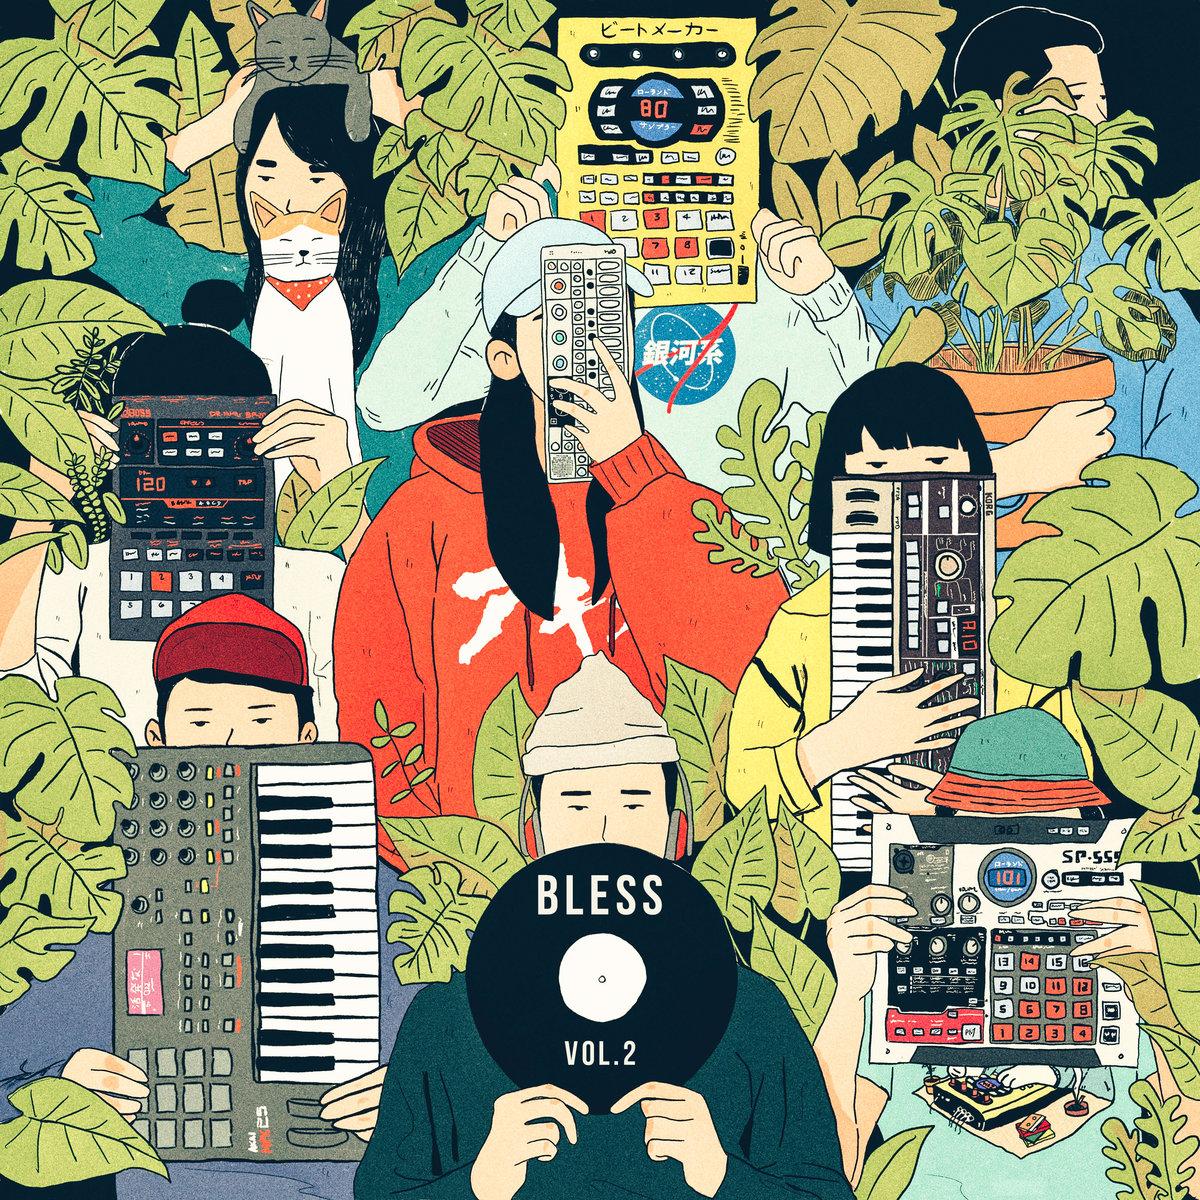 BLESS Vol  2   Inner Ocean Records